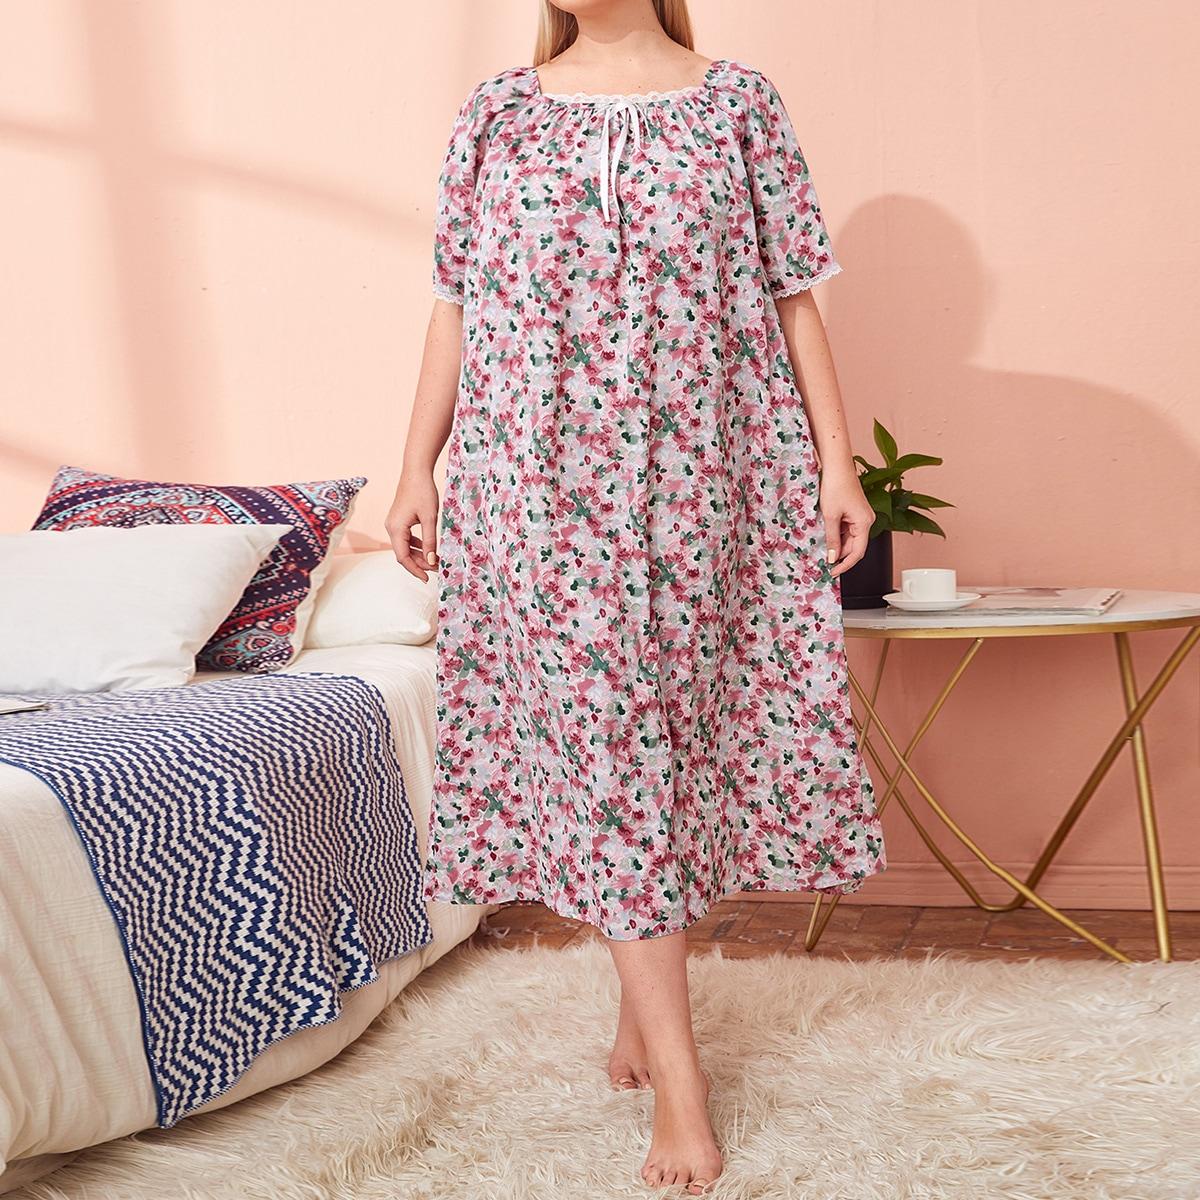 Галстук большого размера с квадратным вырезом Маленькая ночная рубашка с цветочным принтом от SHEIN